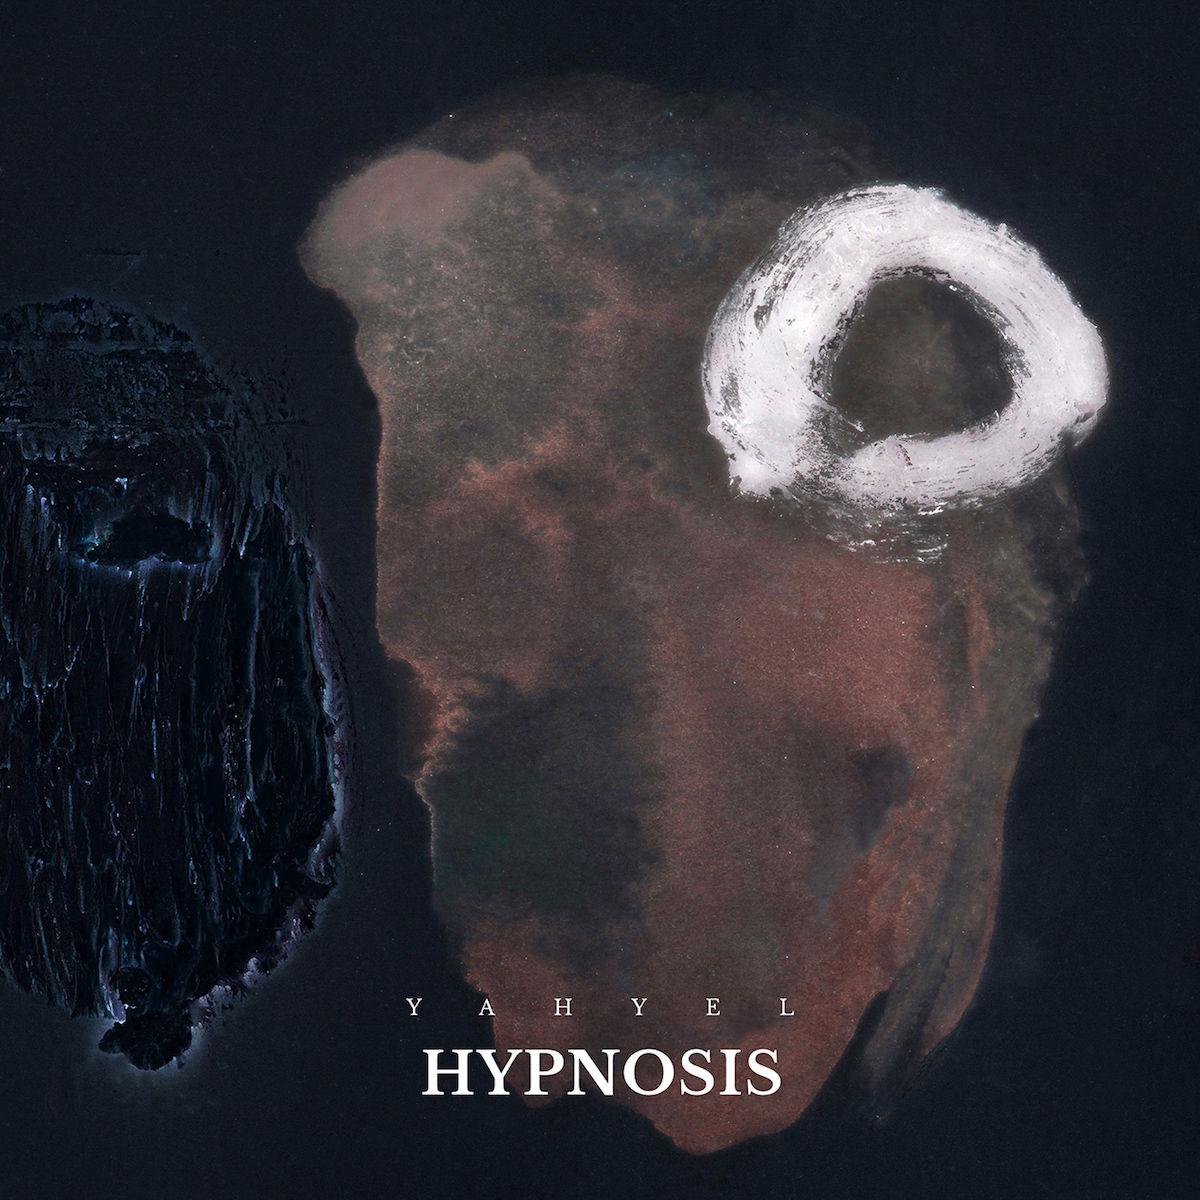 yahyelが来週リリースのアルバム『Human』から新曲Hypnosisを解禁!Apple MusicにてMVも先行公開 yahyel-1200x1200